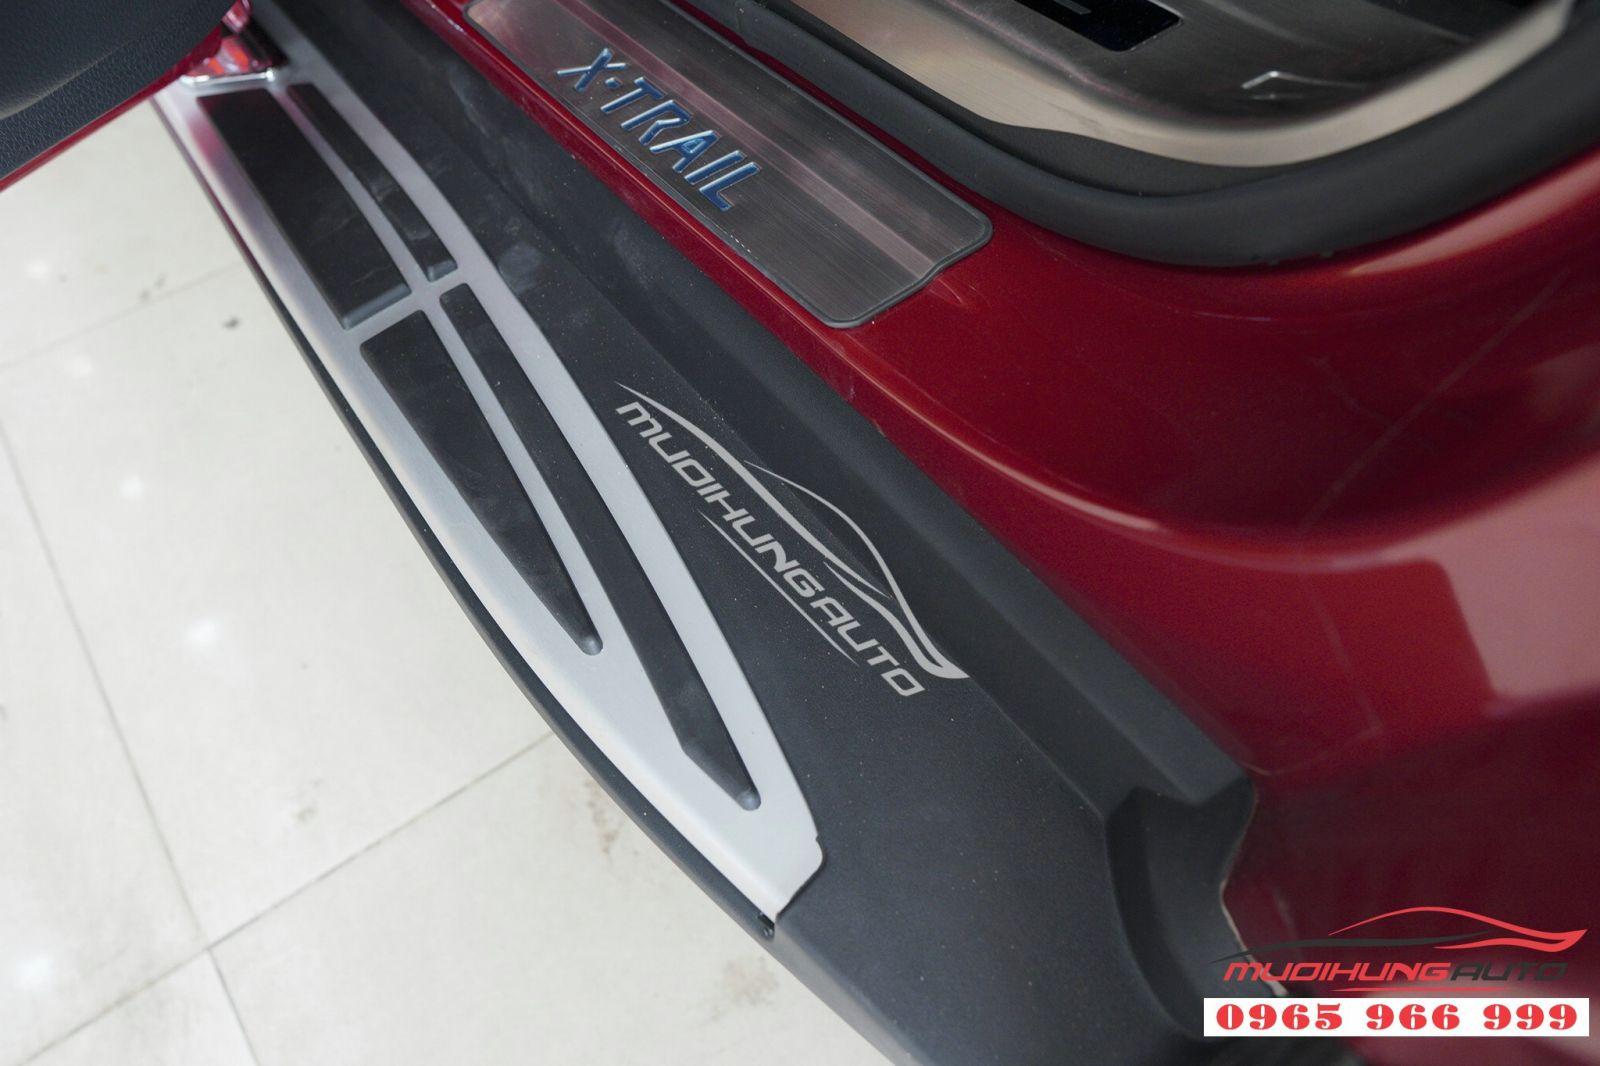 Lắp bệ bước chân chính hãng cho Nissan X-trail 07